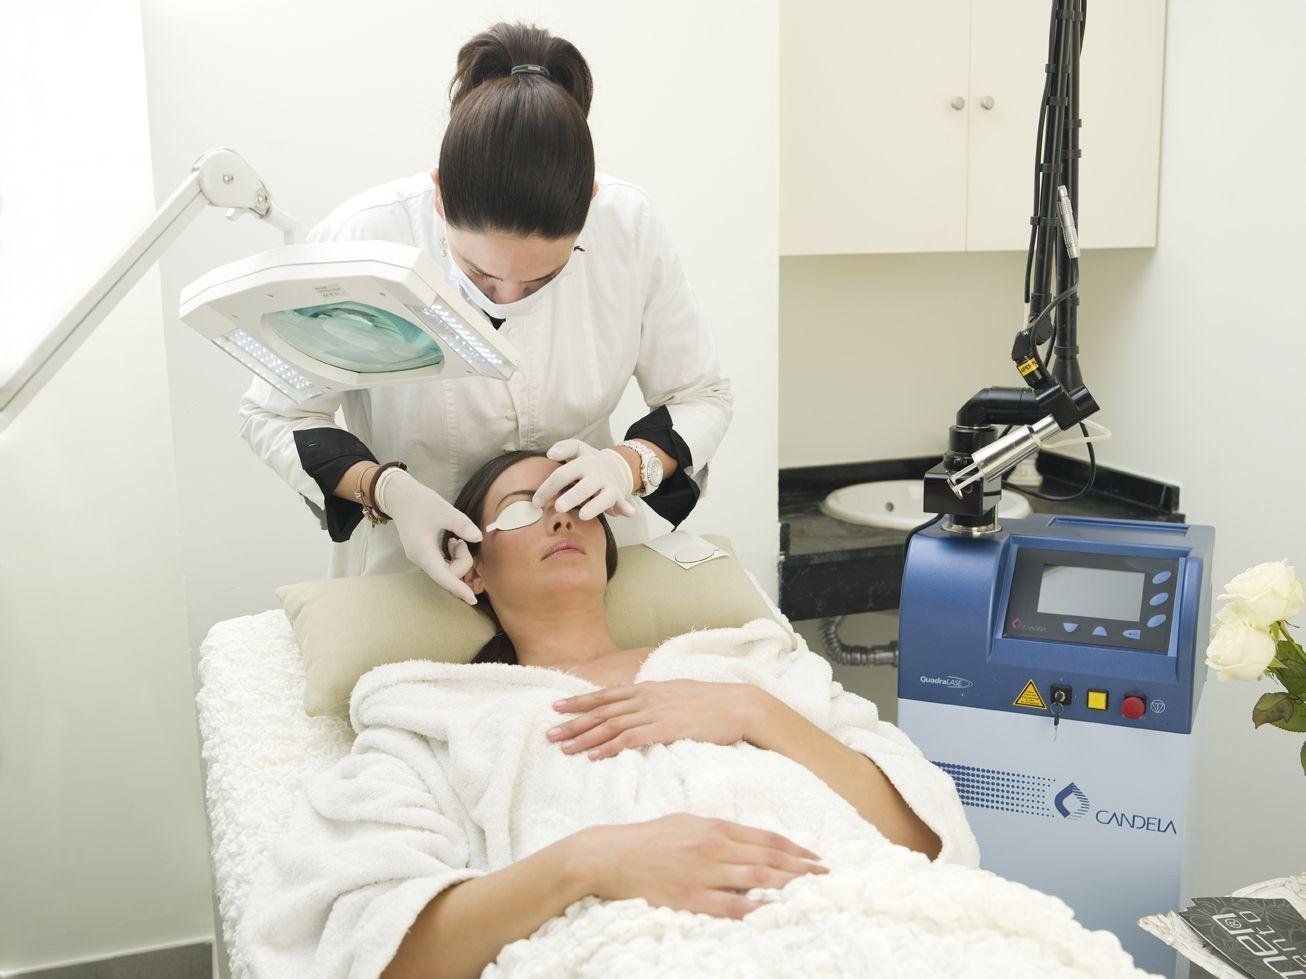 Clínicas para Clínica de Tratamento Facial em São Caetano do Sul - Clínica de Tratamento Facial